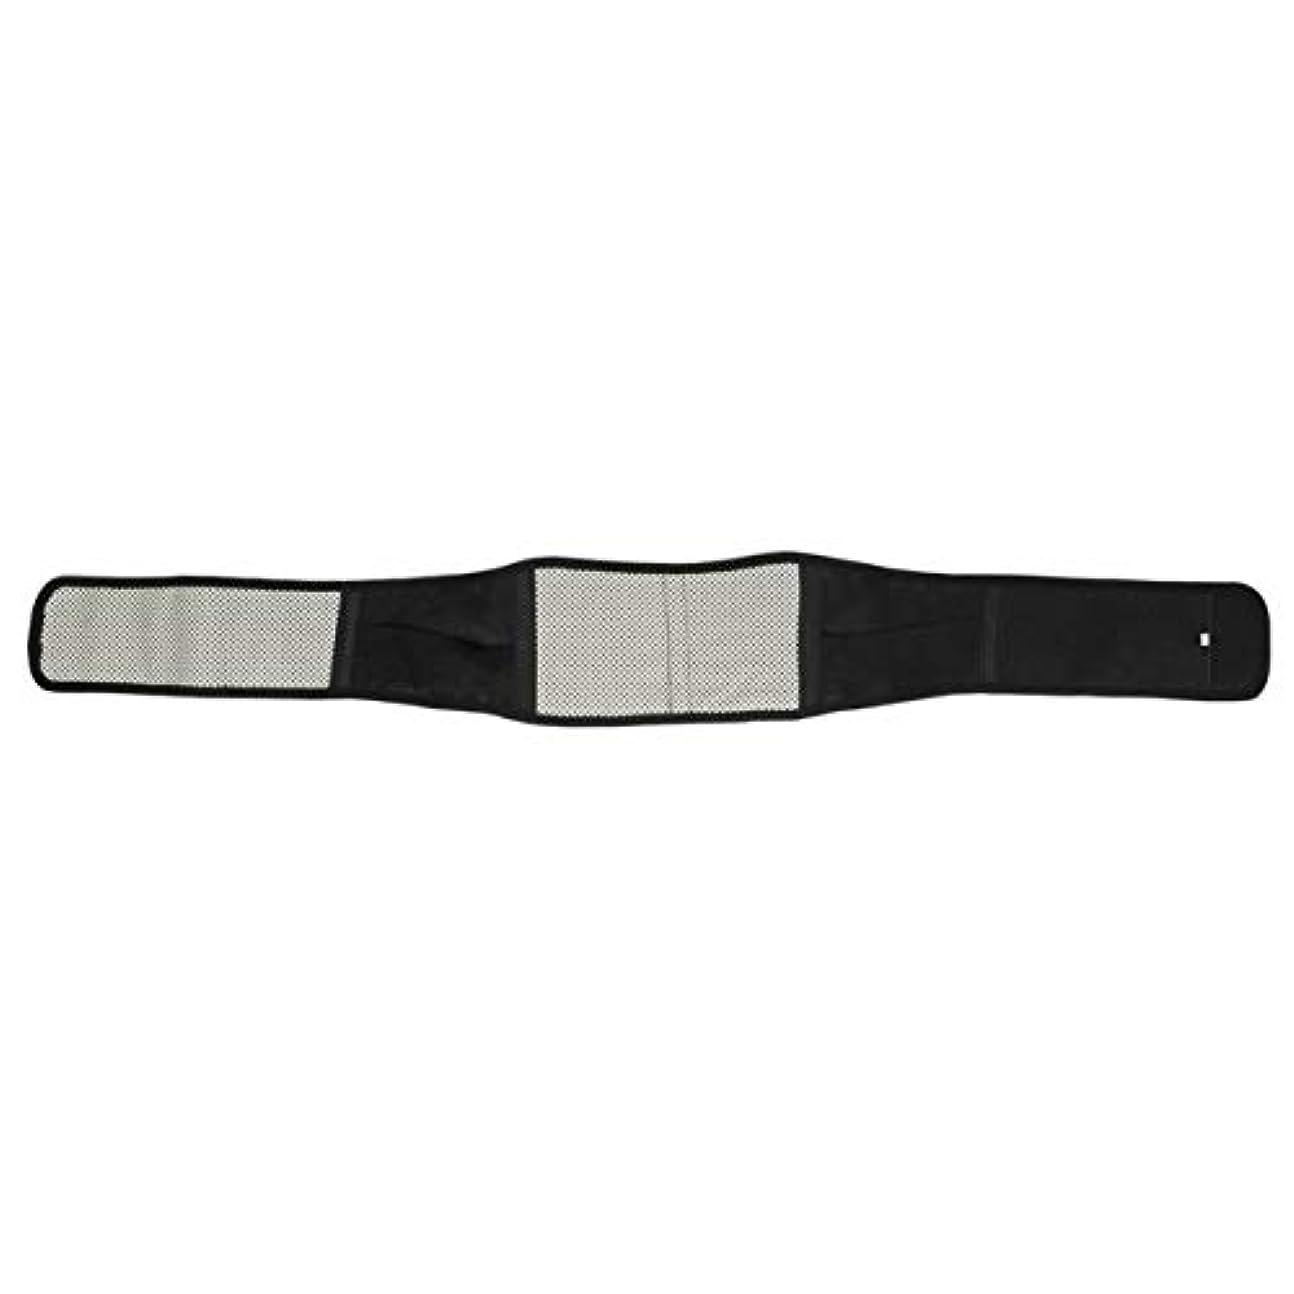 気がついて脅威カートDeeploveUU 腰椎サポートペインマッサージャー赤外線磁気バックブレース自己発熱療法ウエストベルト調節可能な姿勢ベルト